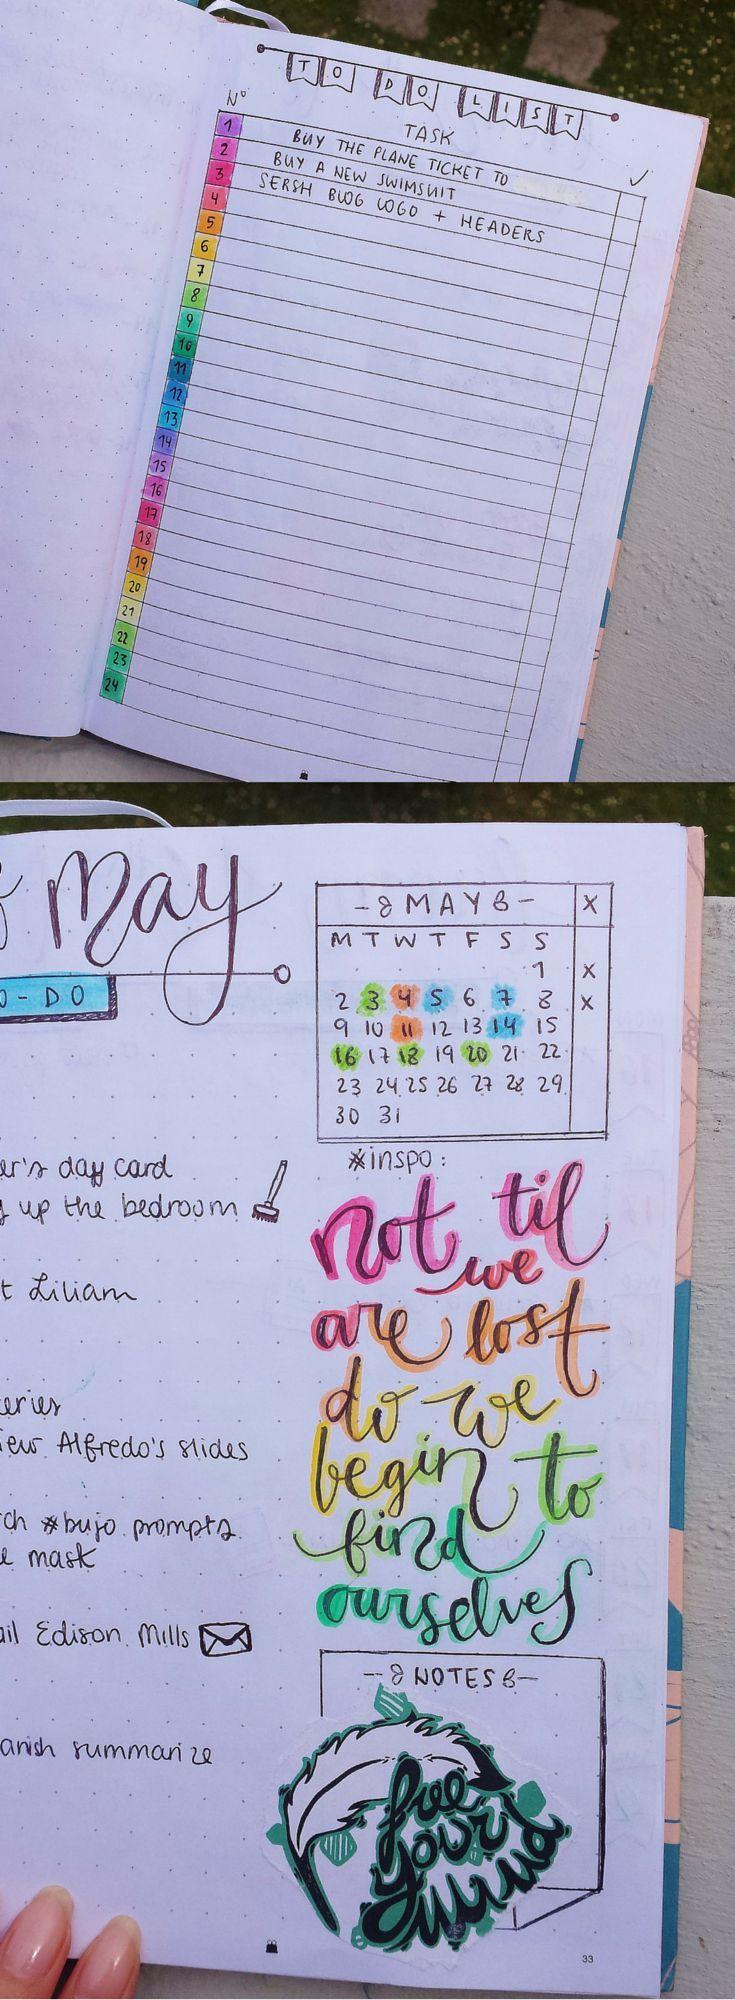 My bullet journal on https://samanthacarraro.wordpress.com/2016/05/16/bulletjournal-guide-inspo/   Bujo